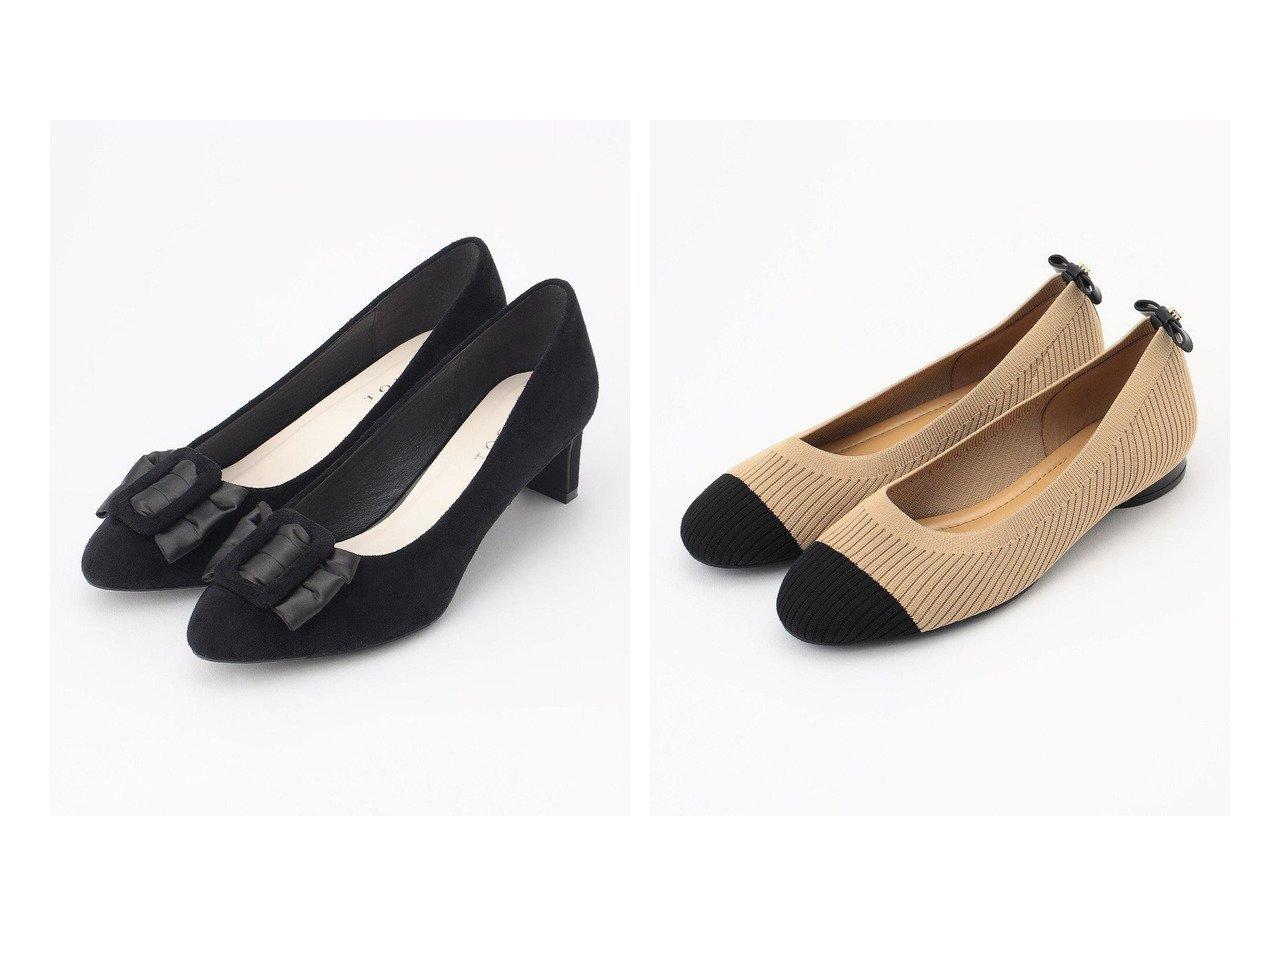 【TOCCA/トッカ】のSOFFICE KNIT FLATSHOES フラットシューズ&BUCKLE RIBBON PUMPS パンプス 【シューズ・靴】おすすめ!人気、トレンド・レディースファッションの通販 おすすめで人気の流行・トレンド、ファッションの通販商品 インテリア・家具・メンズファッション・キッズファッション・レディースファッション・服の通販 founy(ファニー) https://founy.com/ ファッション Fashion レディースファッション WOMEN 送料無料 Free Shipping クッション シューズ シンプル スポーツ フィット フラット リボン リラックス ロマンティック 冬 Winter スエード ドレス ワンポイント |ID:crp329100000051258